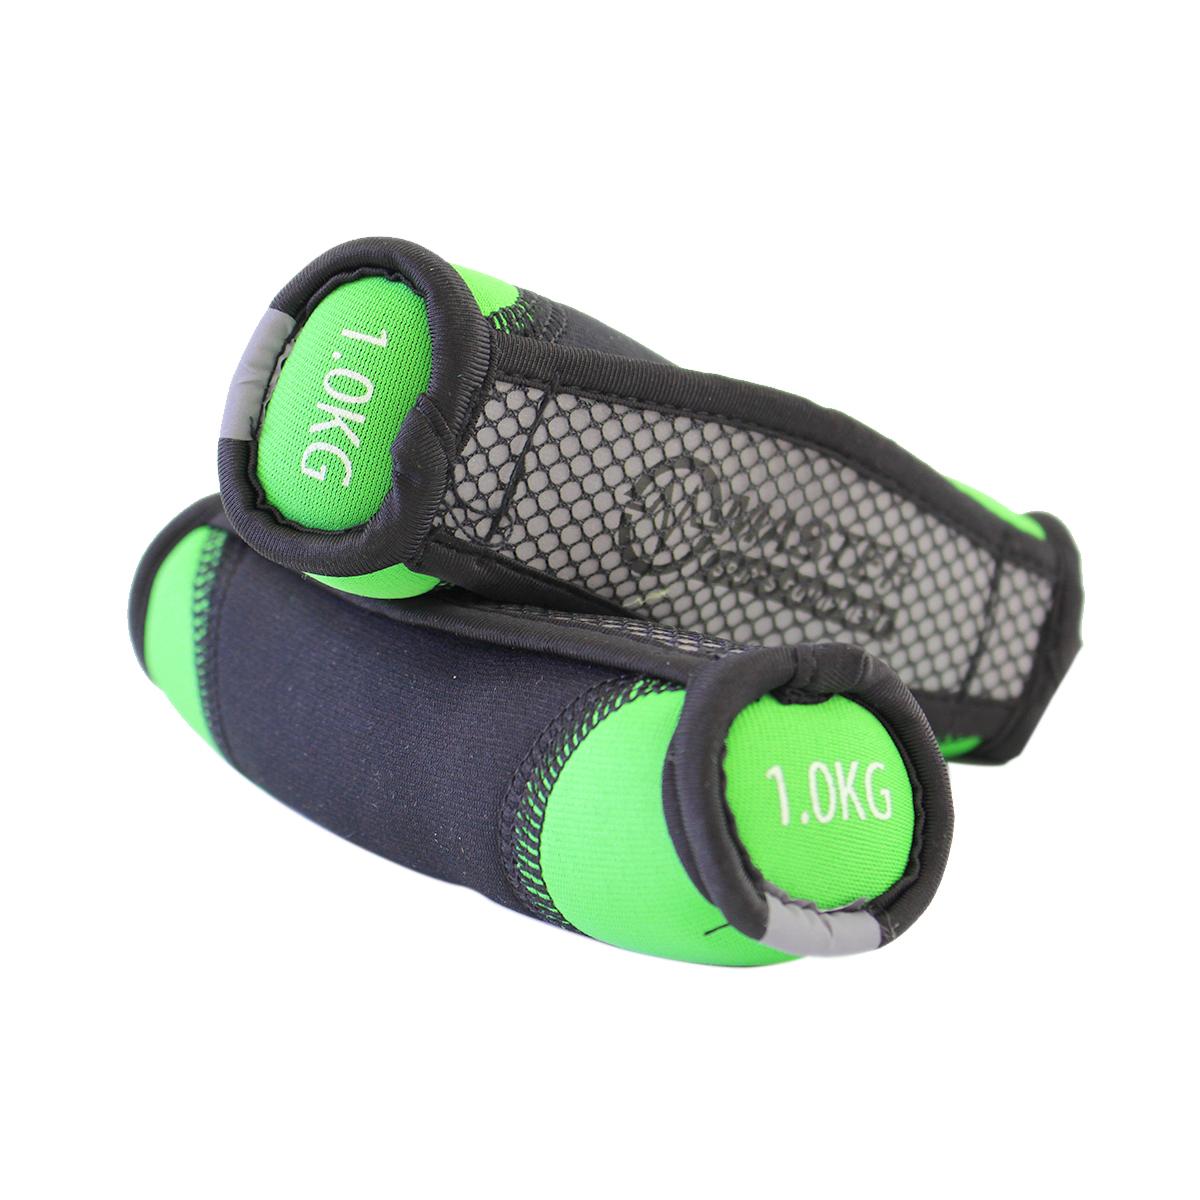 Neoprenové jednoruční činky MASTER Jogging 2 x 1 kg